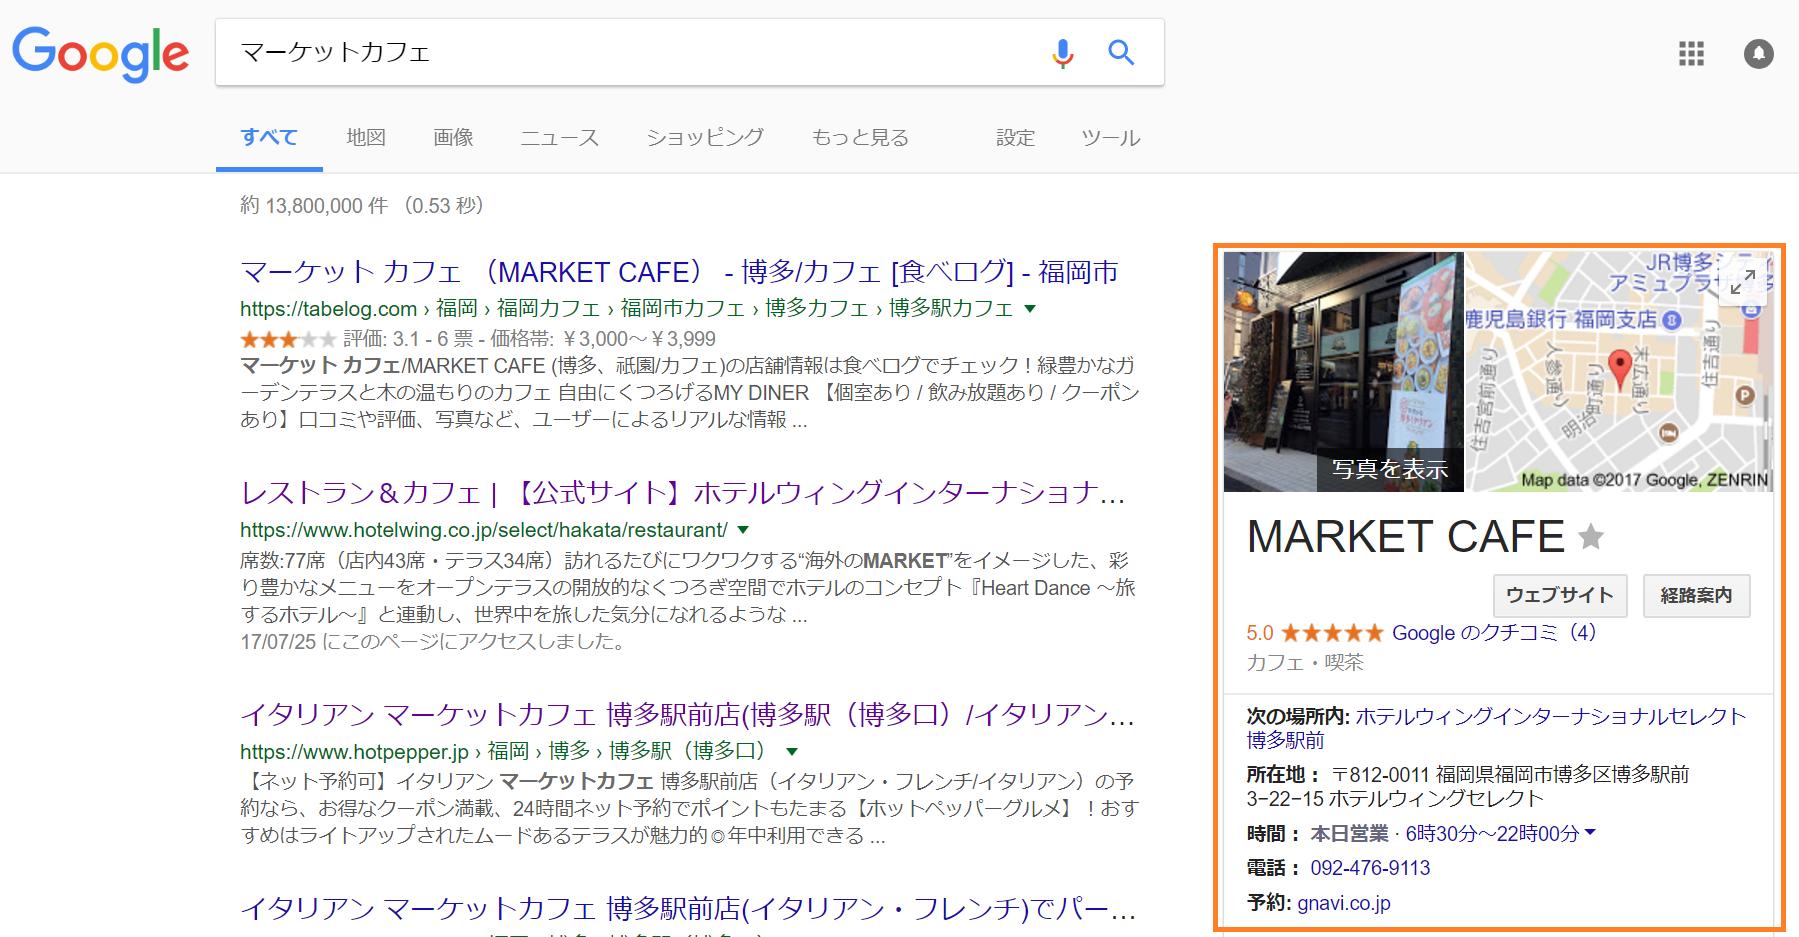 左に検索結果、右にGoogleストリートビューと開業時間や住所などの店舗の情報が表示されます。